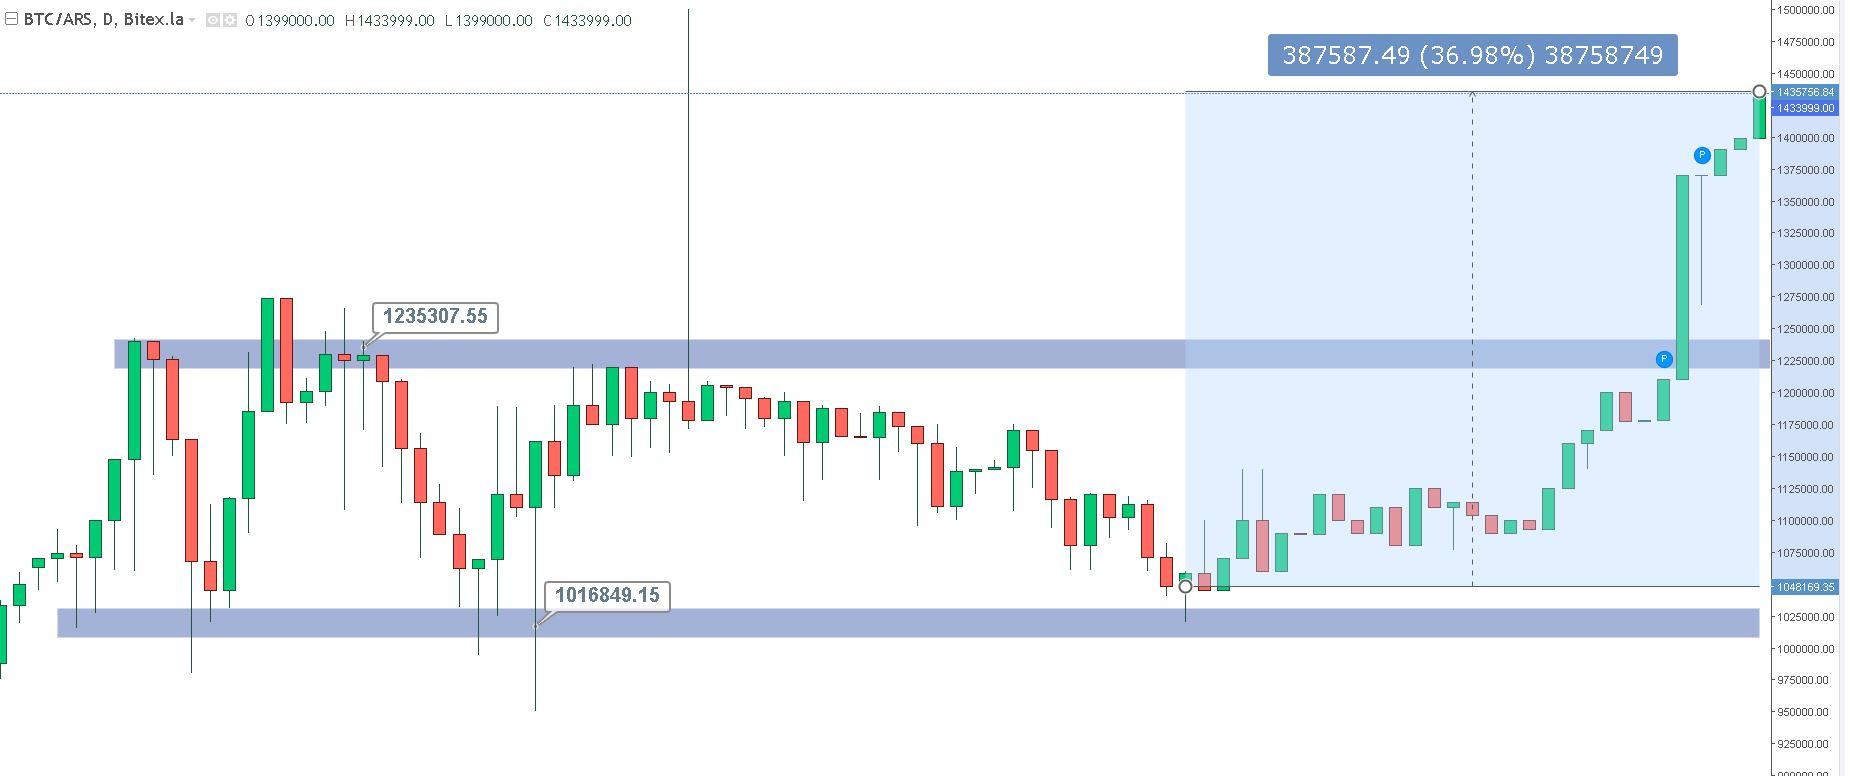 Gráfico BTC/ARS con el rendimiento del mes de julio. Imagen: Investing.com